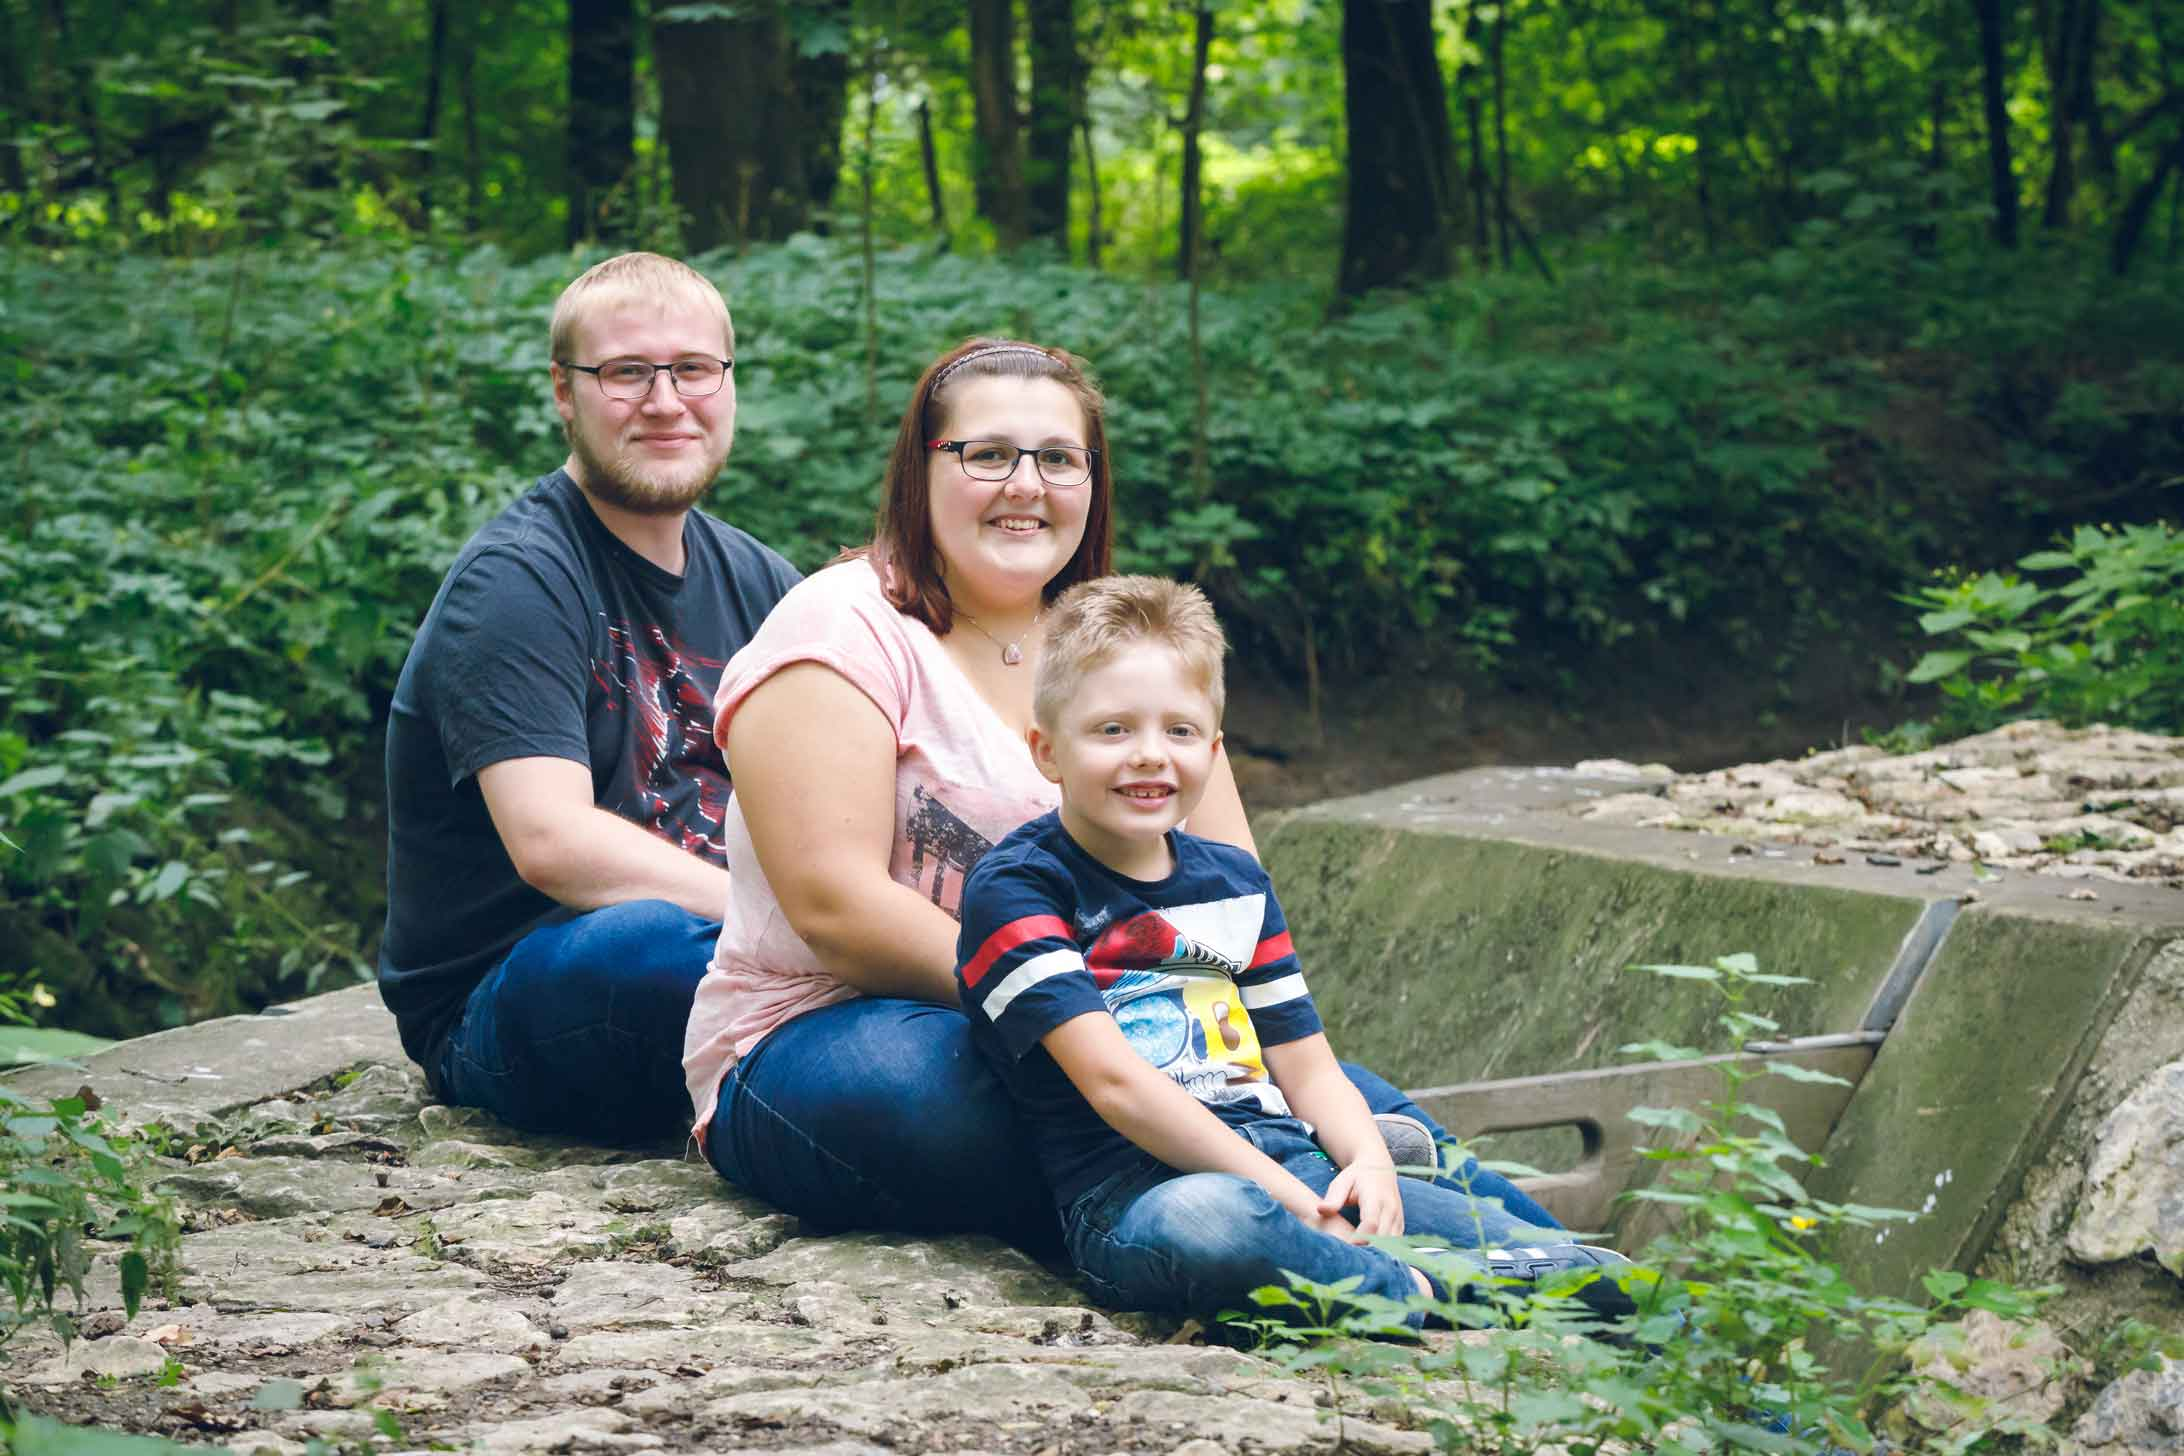 Familienshooting in Nürnberg - Ein Naturerlebnis am Dutzendteich IMG 9915w